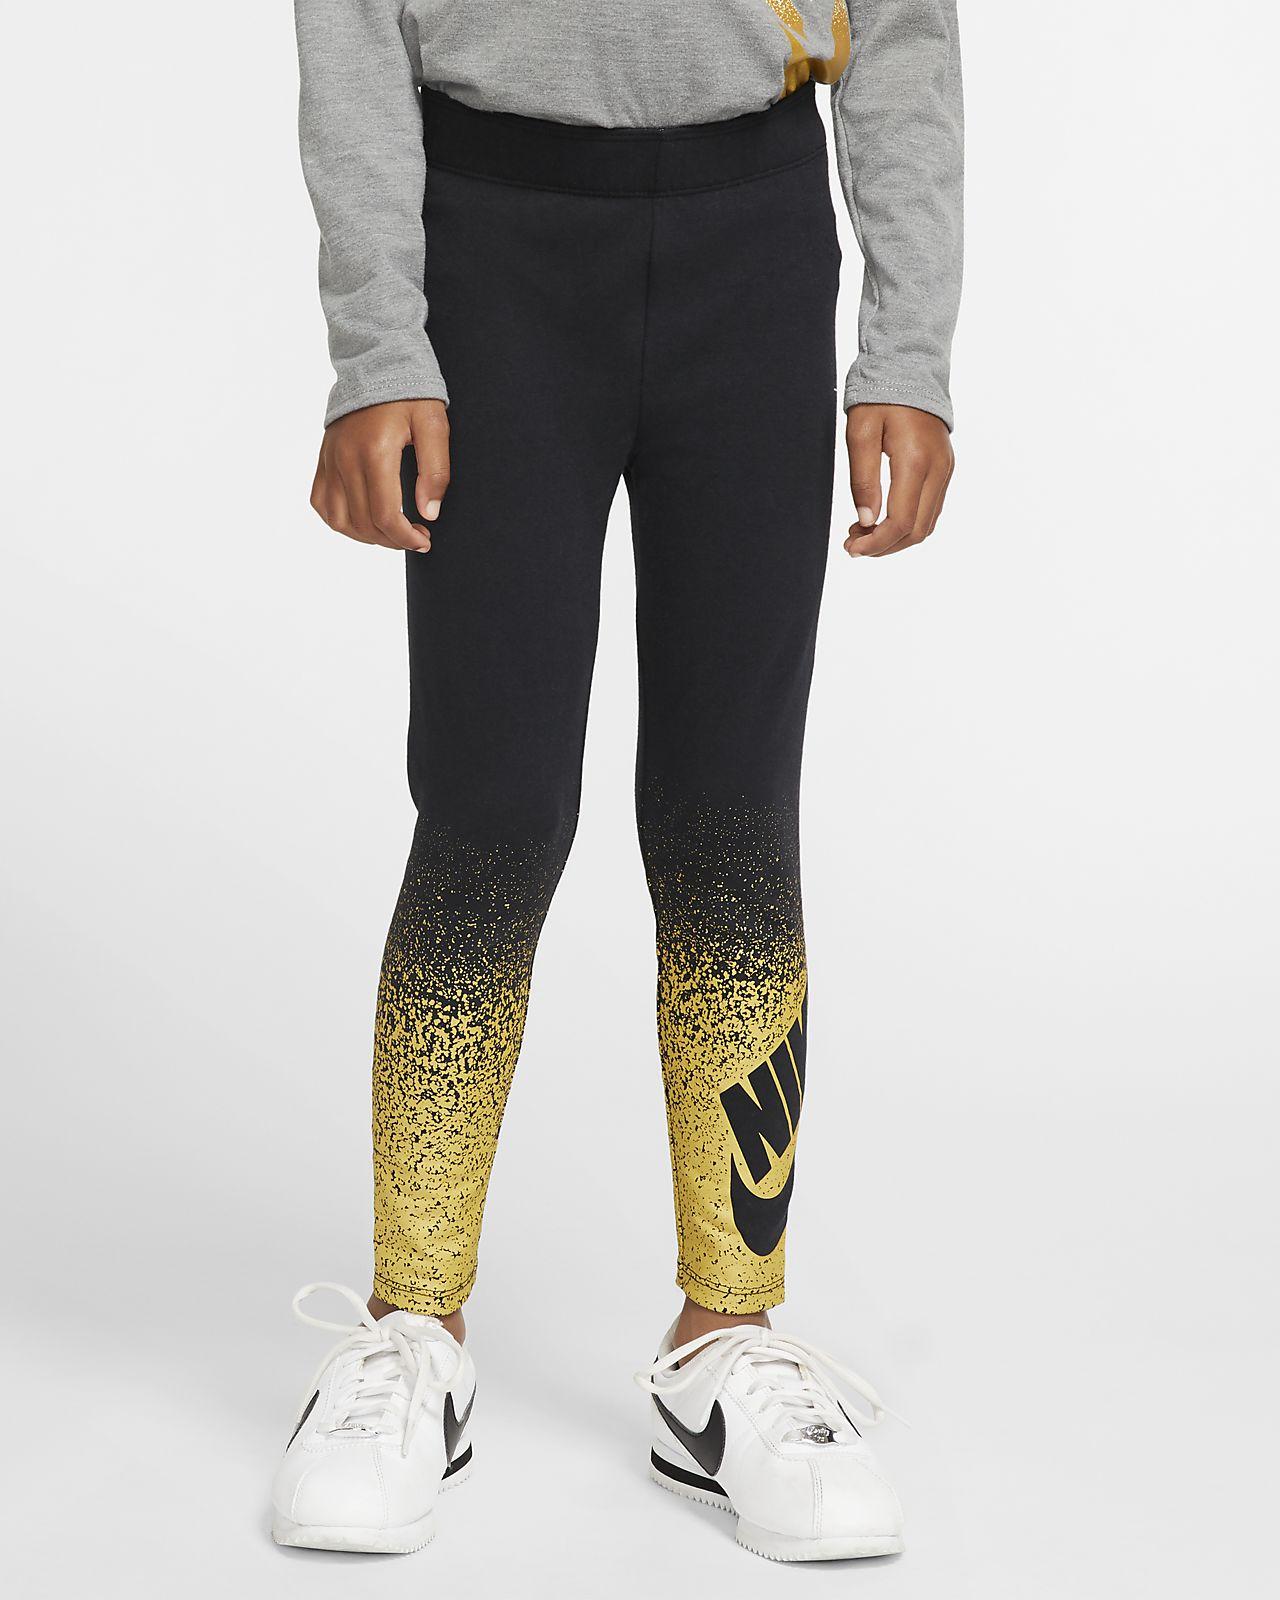 Nike Sportswear Little Kids' Leggings